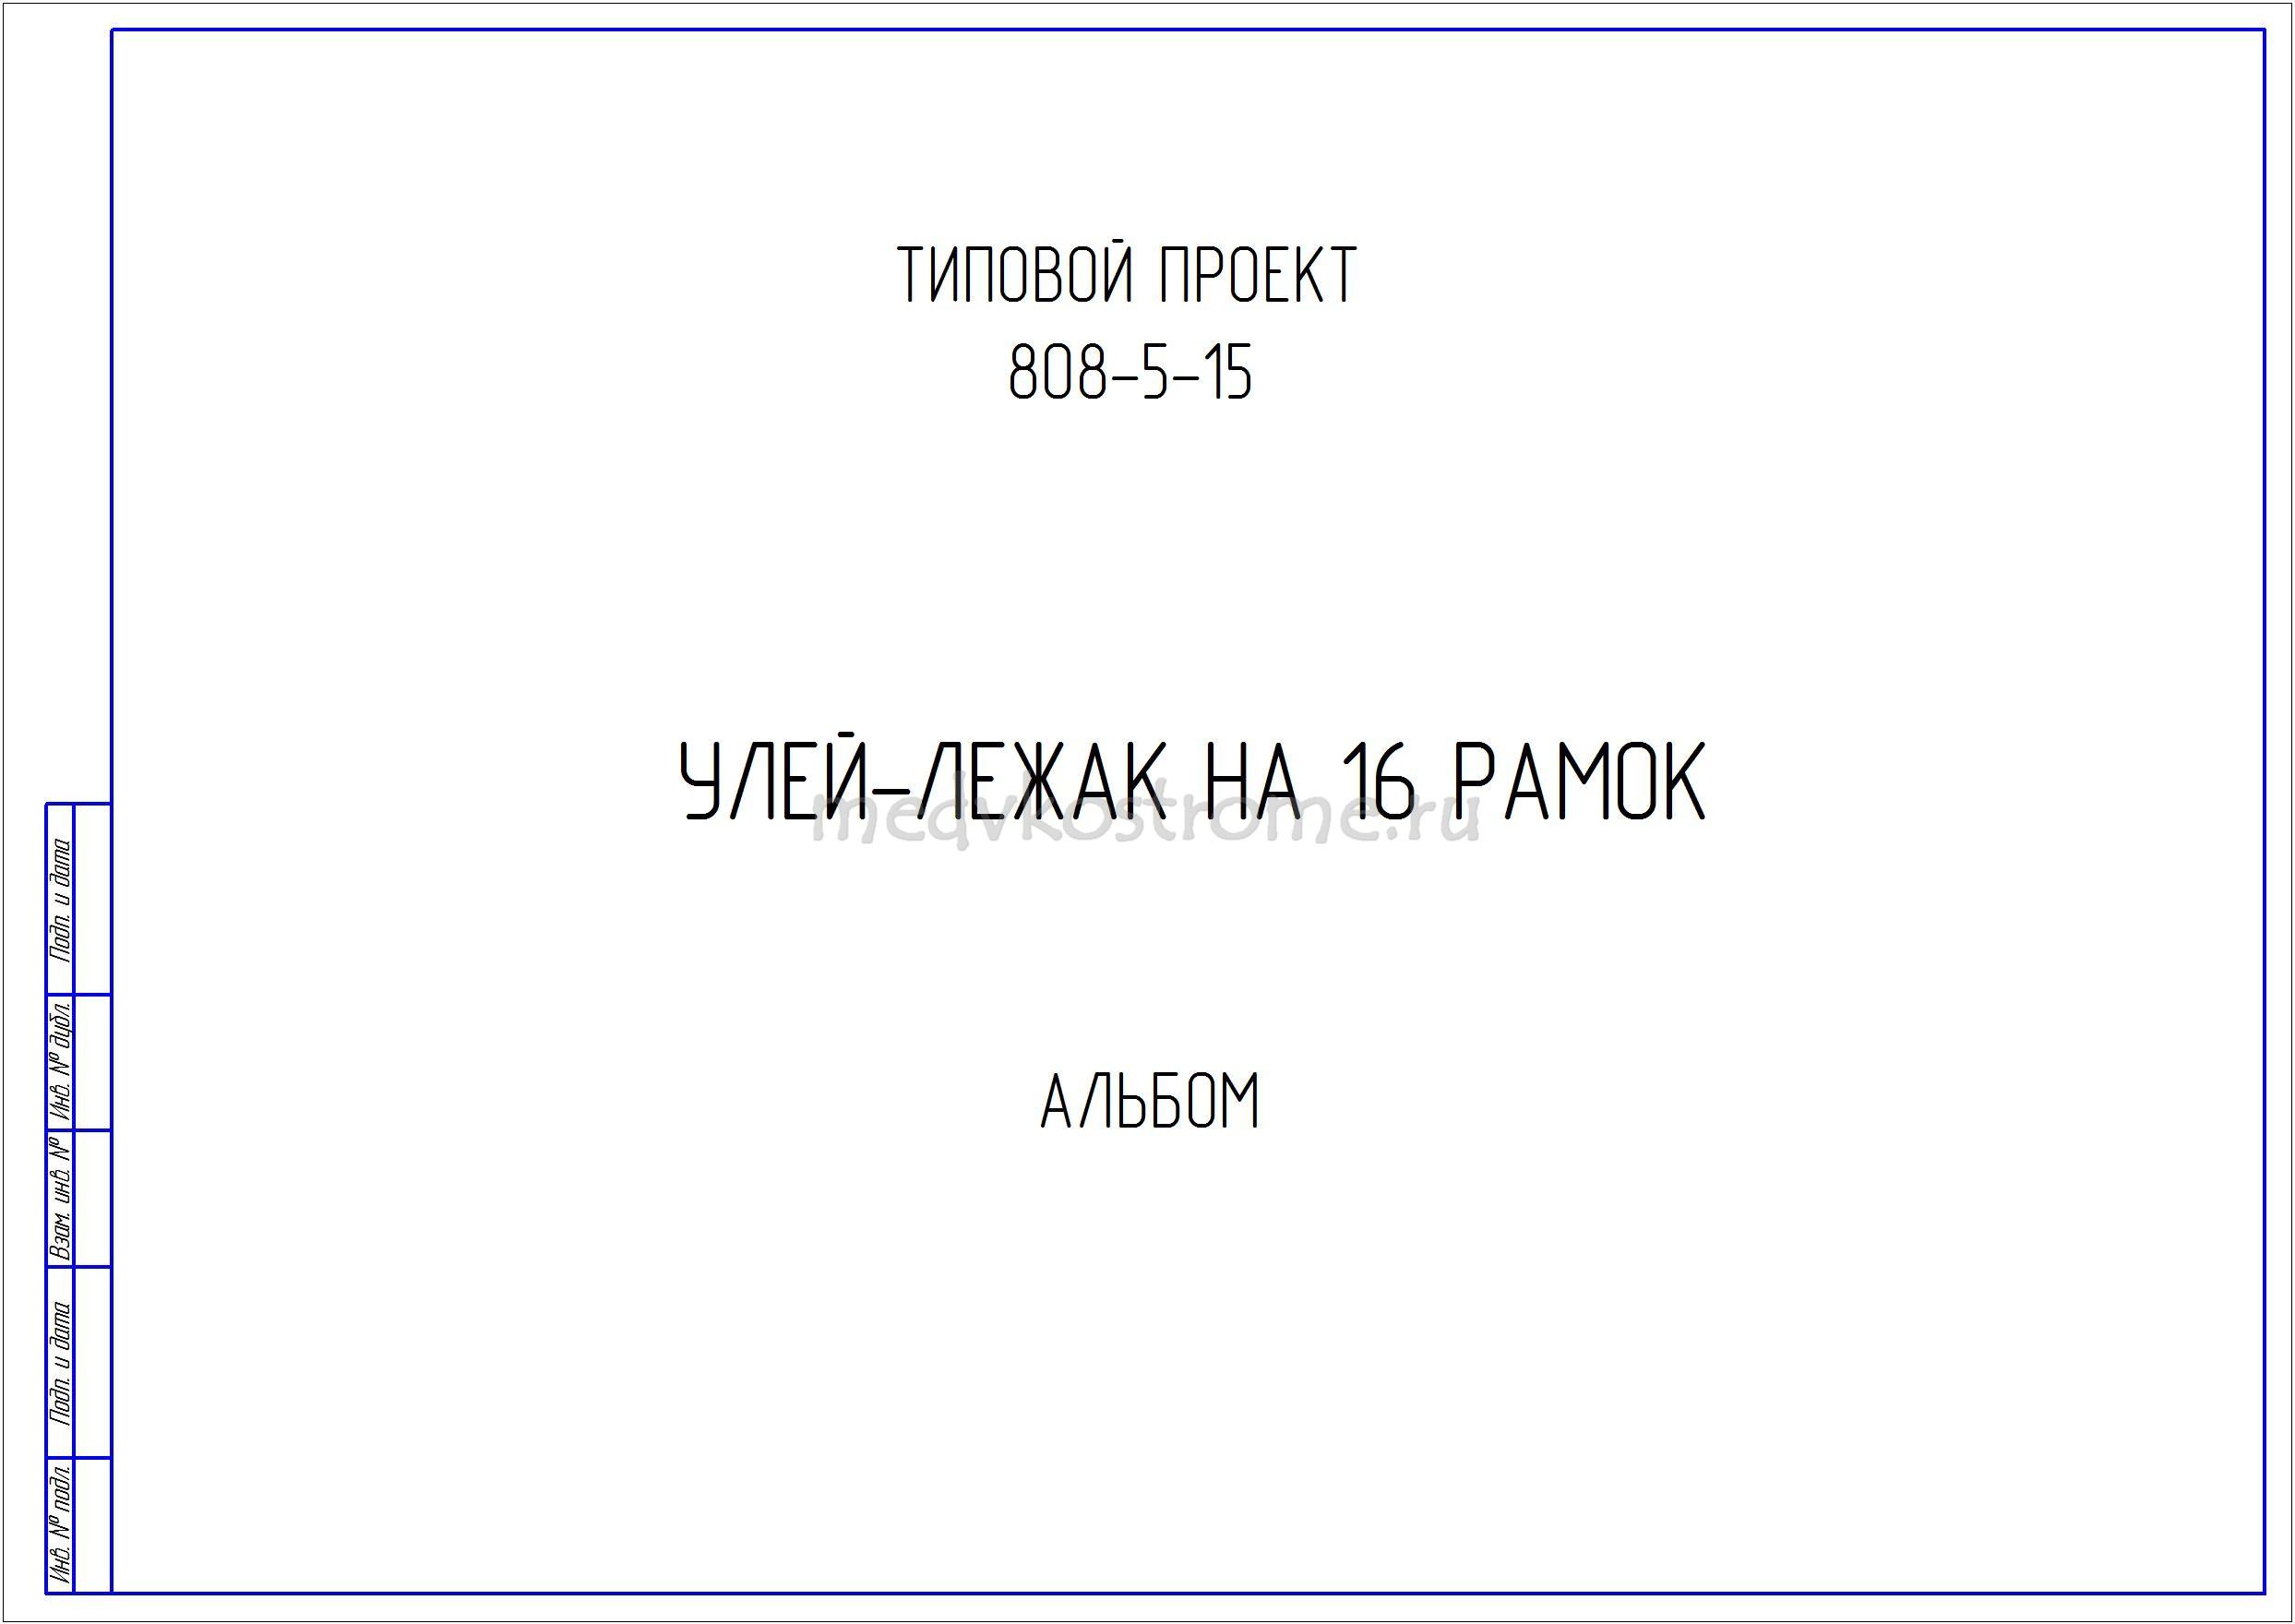 Титульный лист комплекта чертежей на шестнадцати рамочный улей